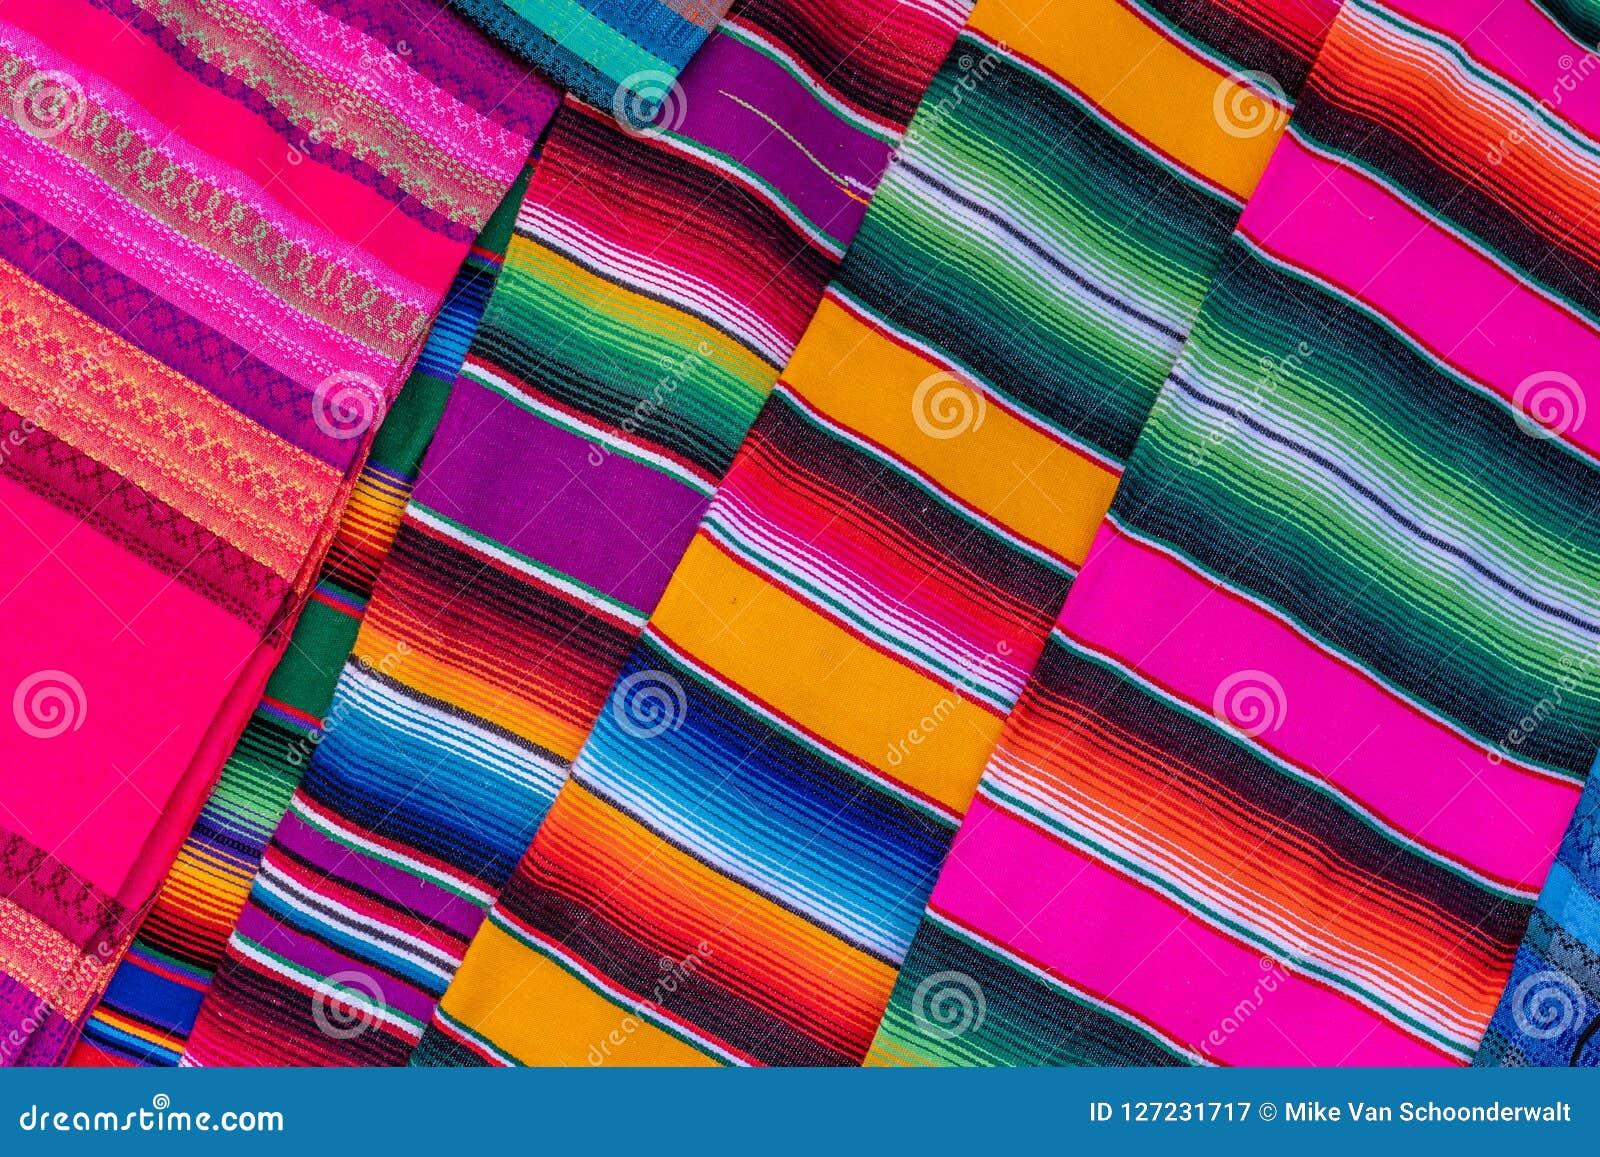 Kulört tyg från Peru